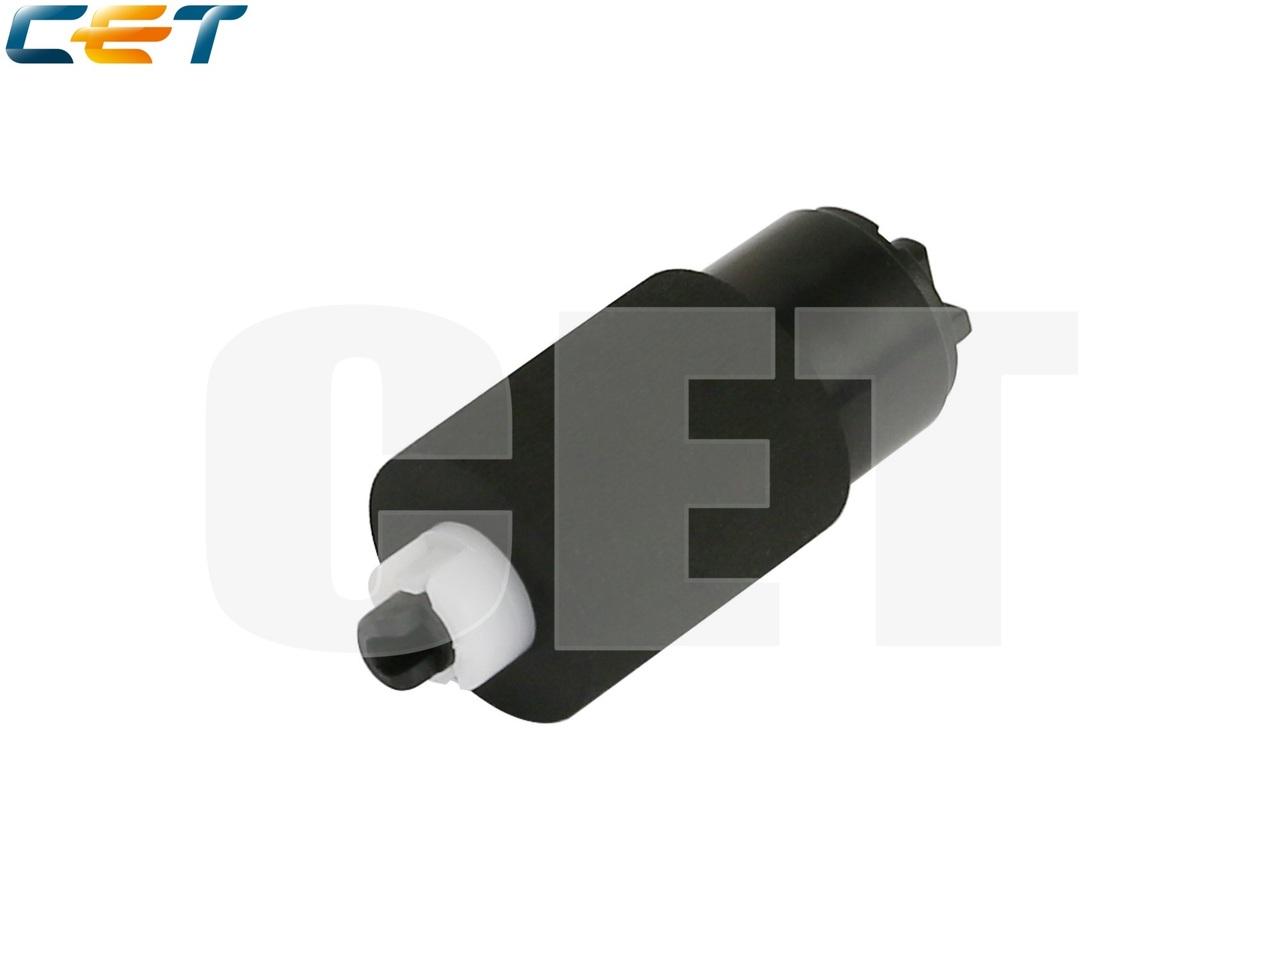 Ролик отделения 2F909171 2BR06521 для KYOCERA ECOSYSM2040dn/P2035d/FS-1035MFP/1028MFP/4200DN (CET),CET4322A